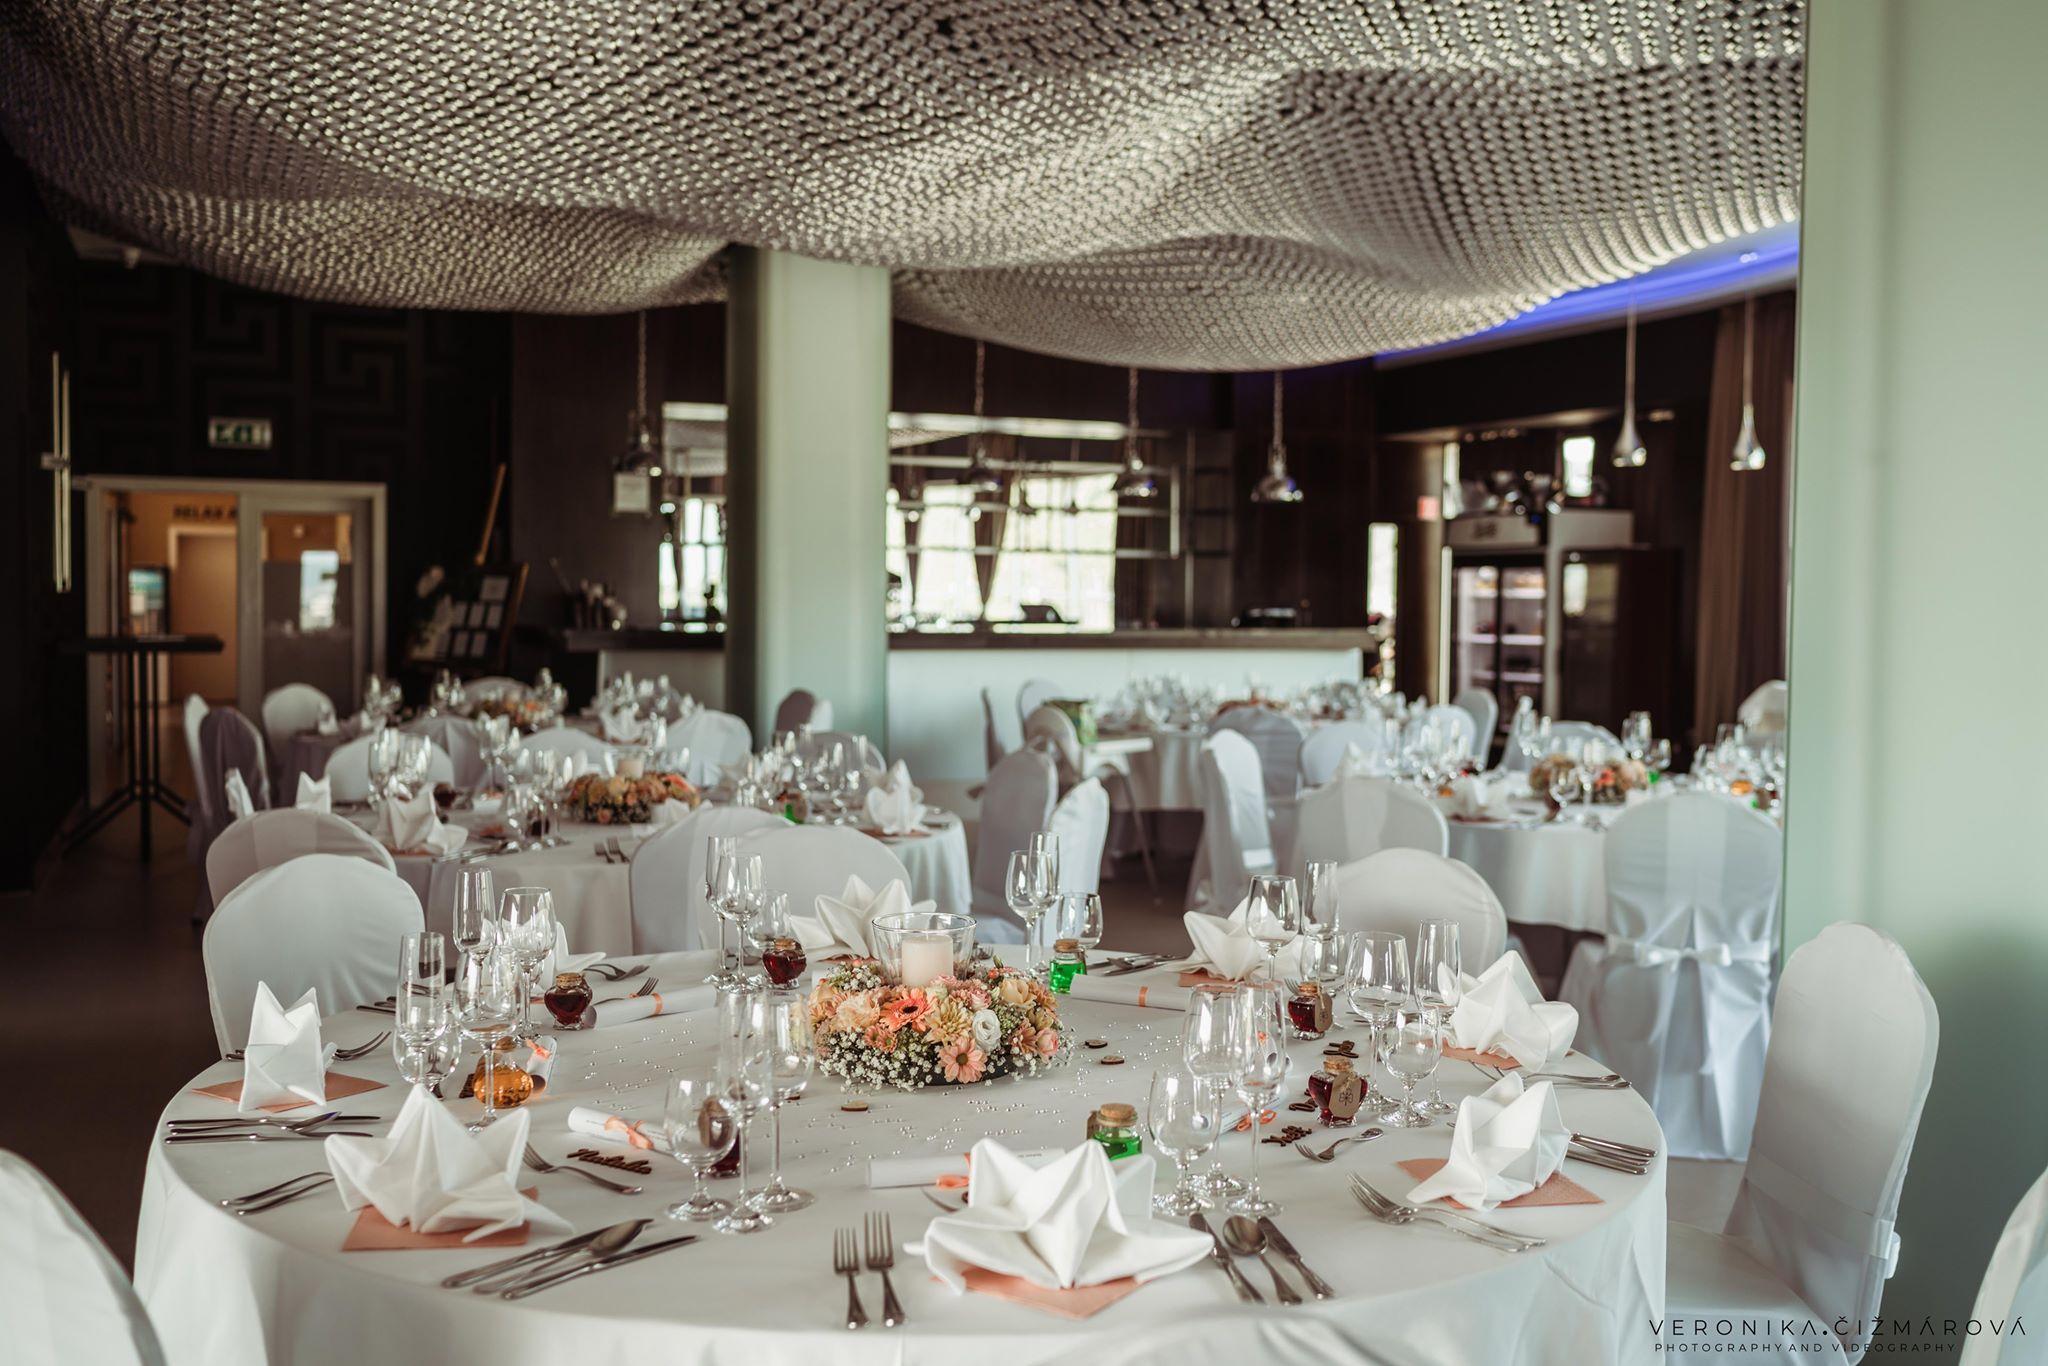 svadba-Pancha-Skybar-Zilinajpg